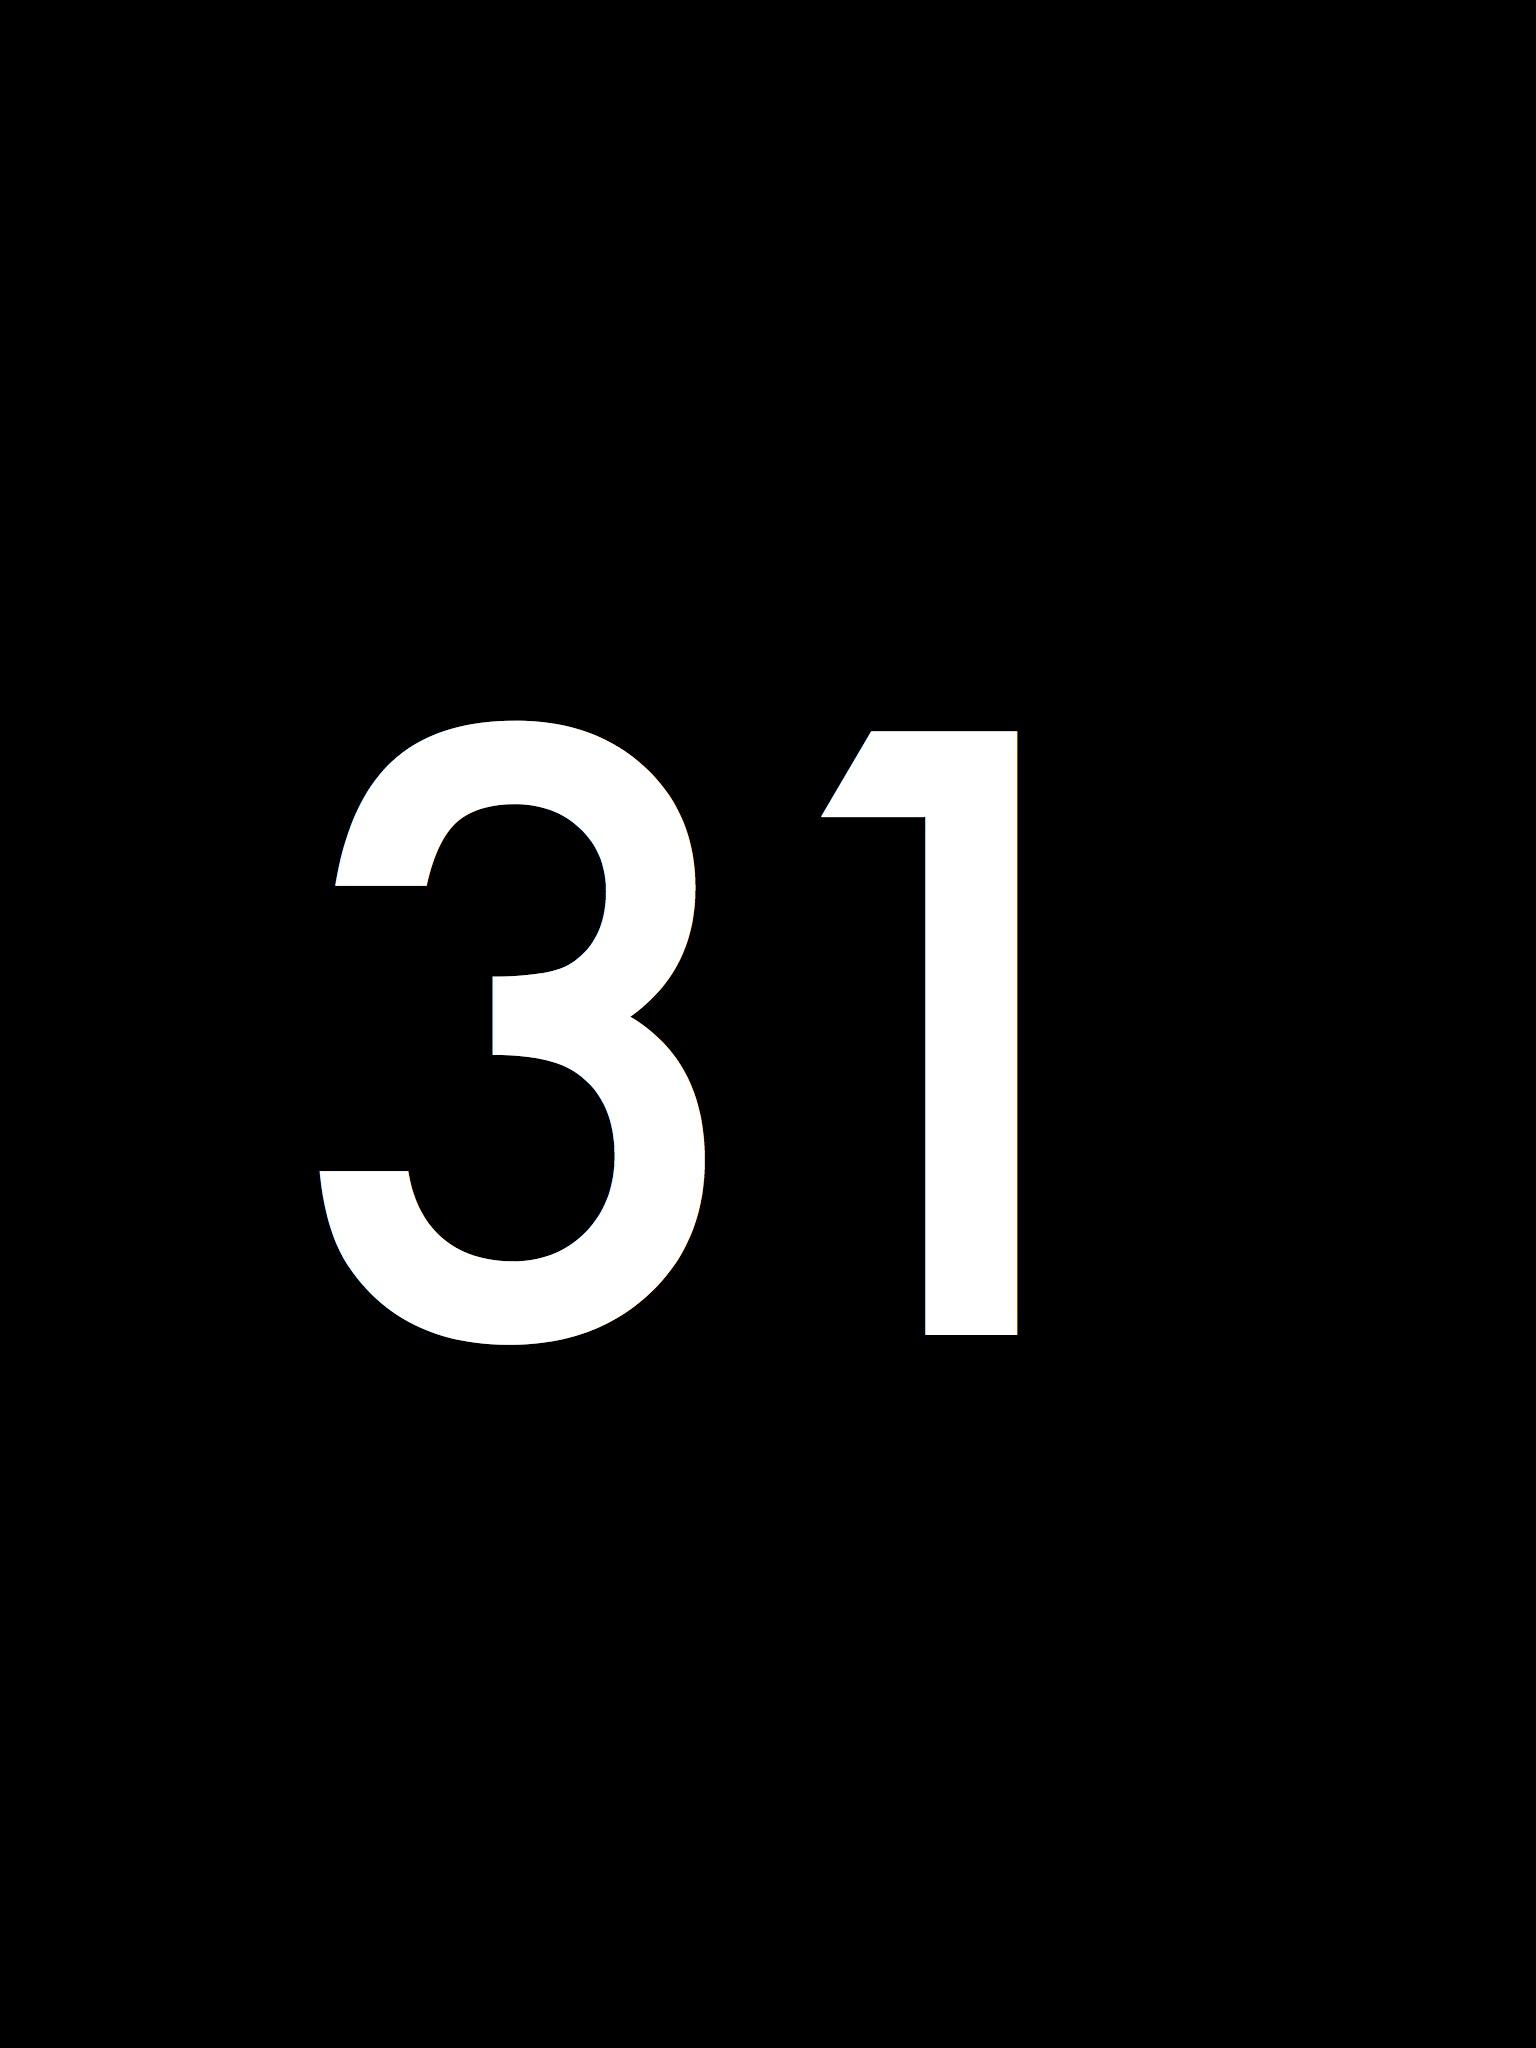 Black_Number.031.jpg